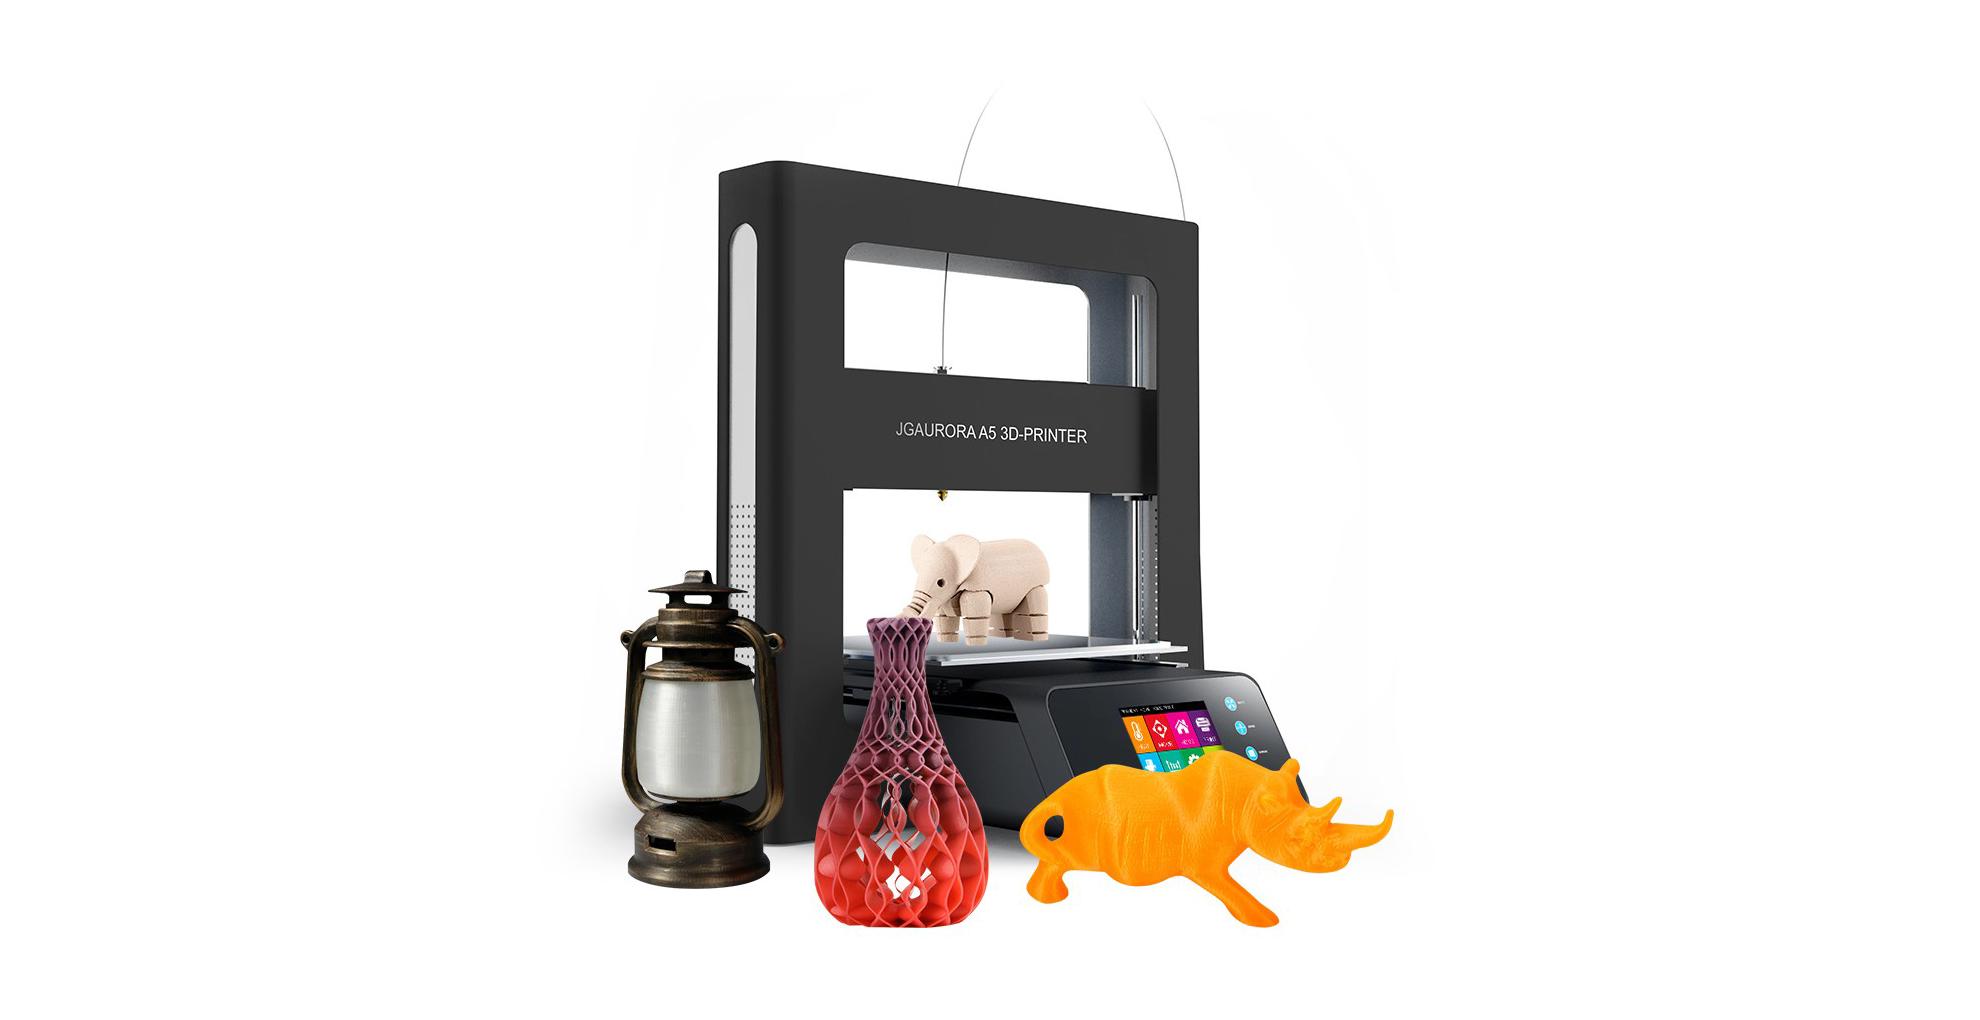 Úžasná 3D tiskárna jen nyní ve slevě za pár korun! [sponzorovaný článek]